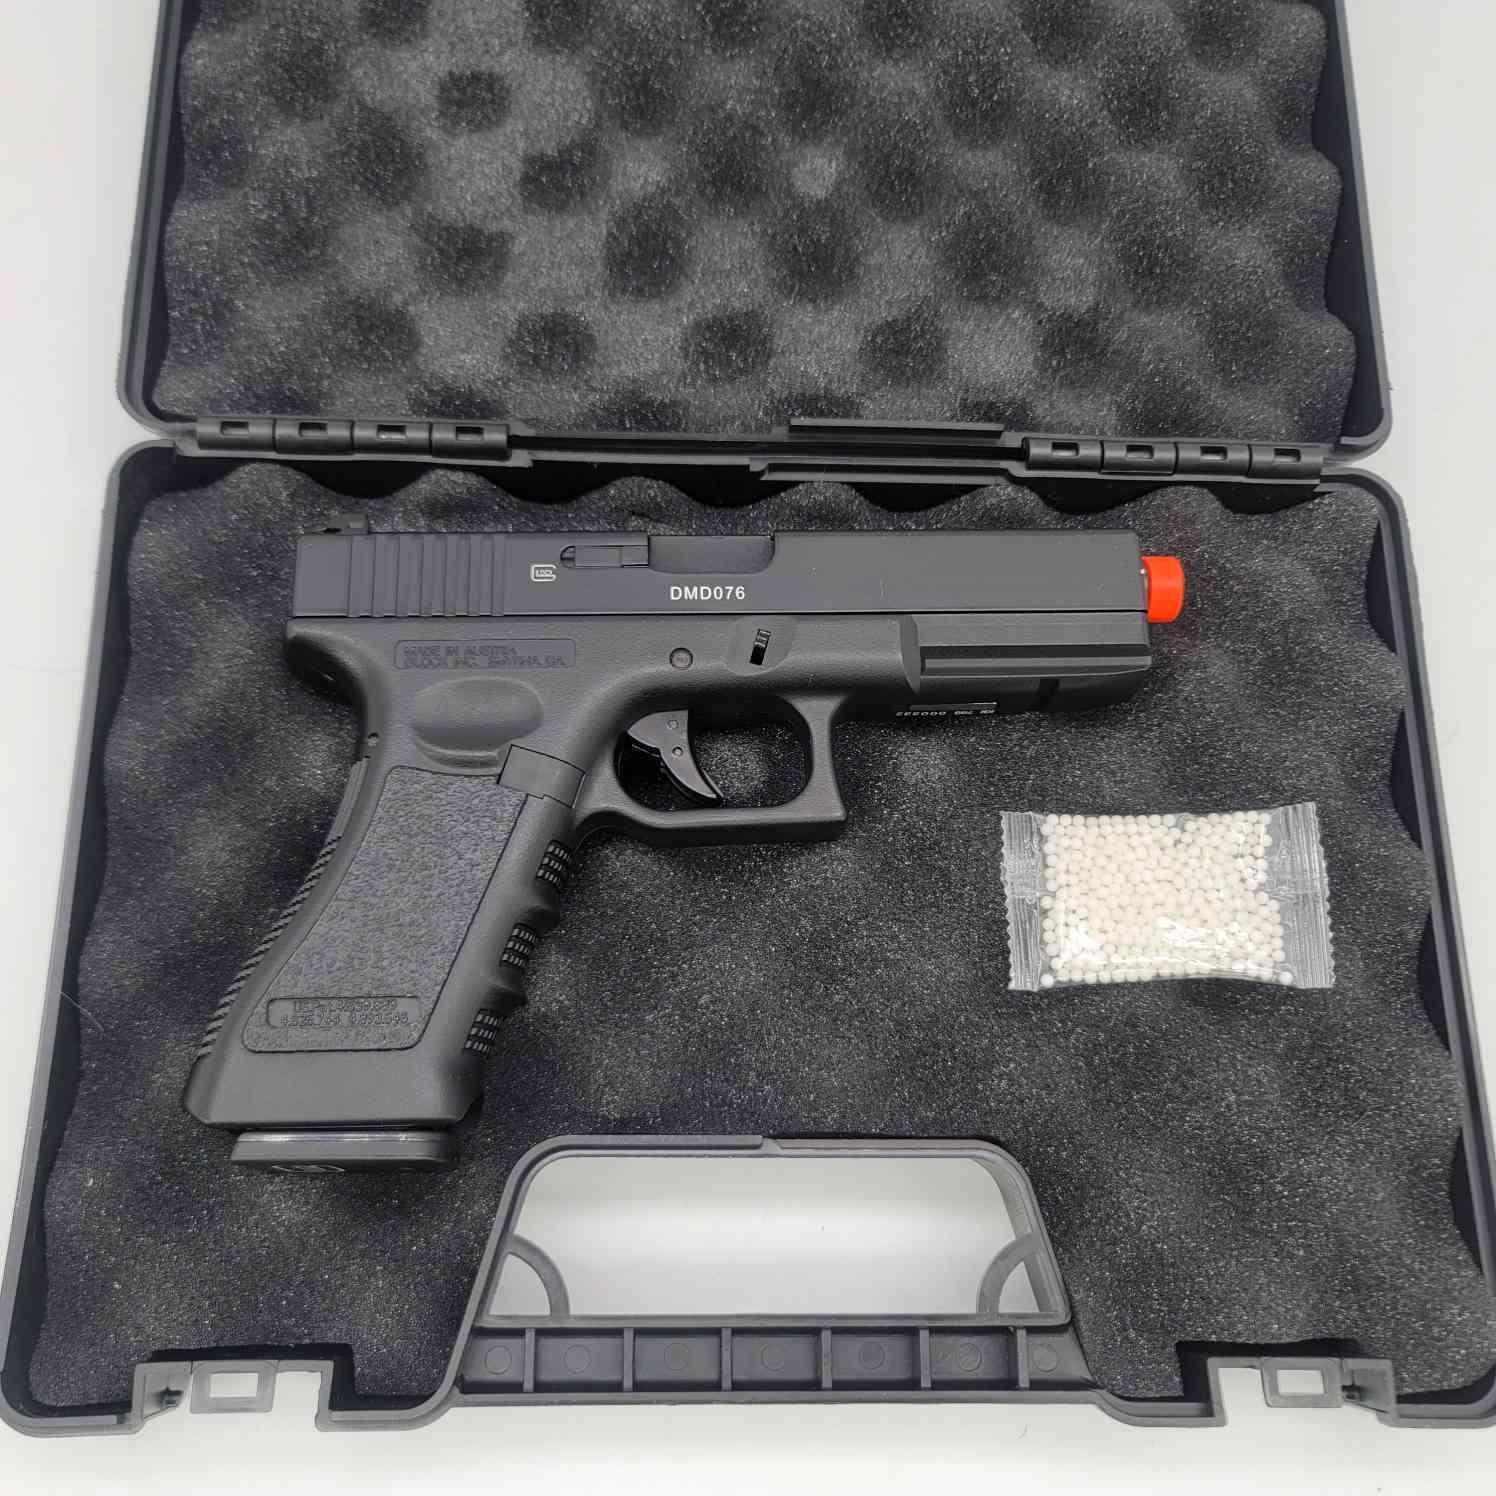 DOUBLE BELL Glock G22 Gas Powered Gel Blaster [766] Renegade Blasters